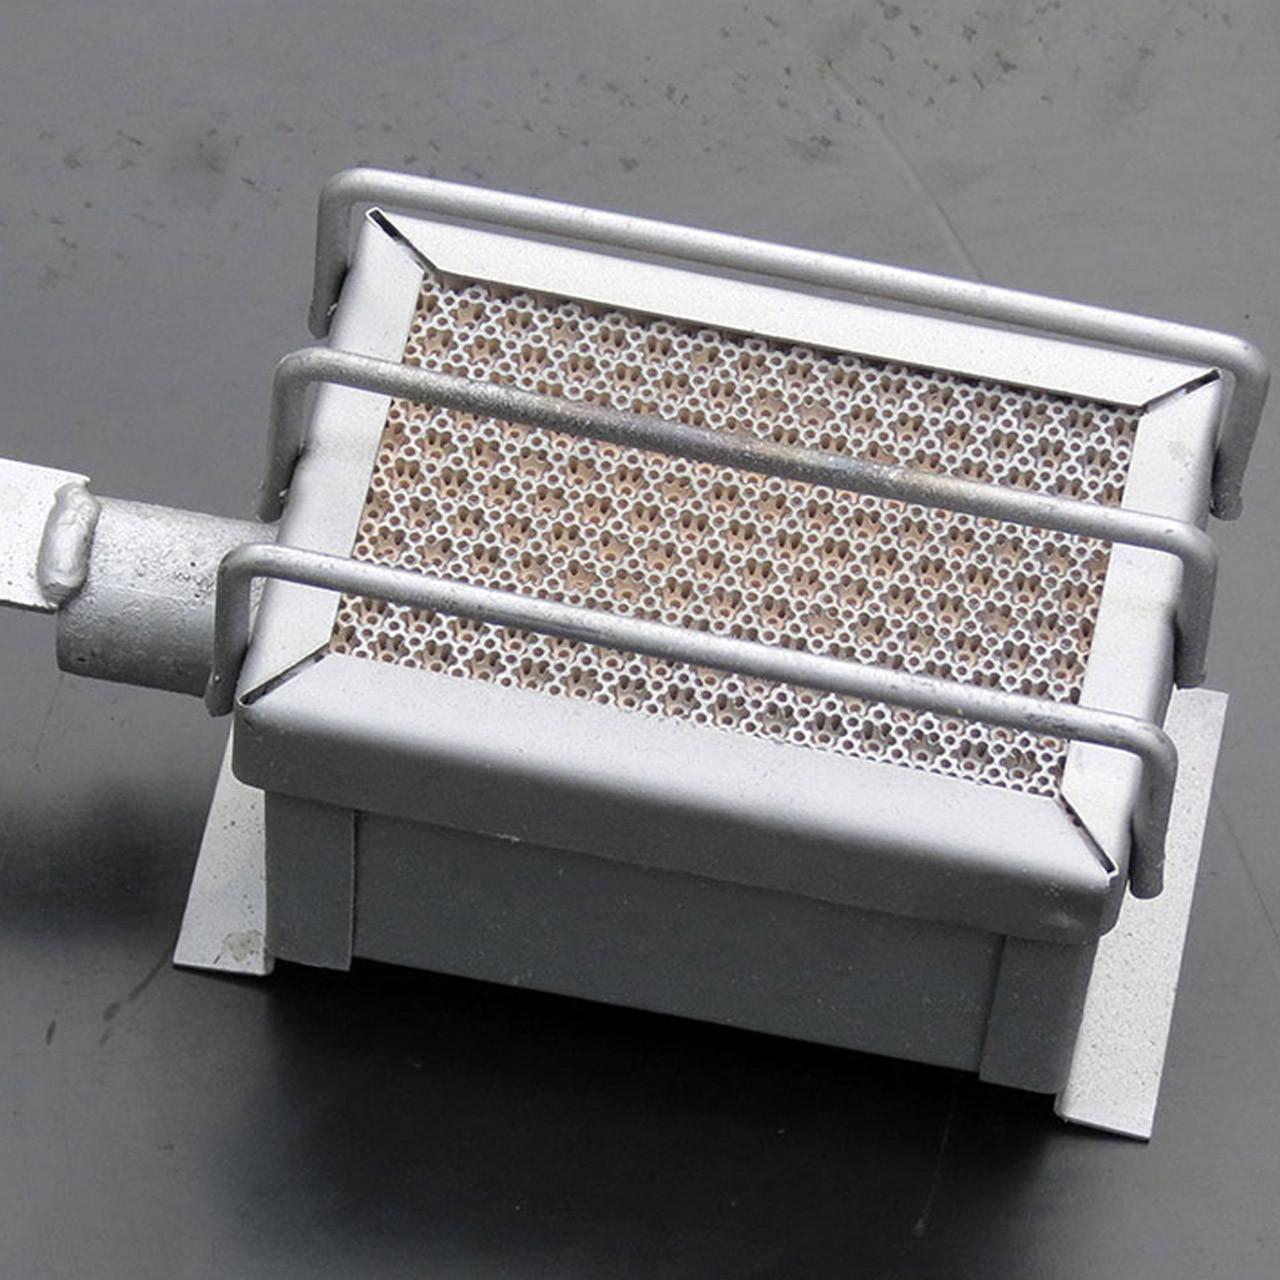 Похідна пальник на зрідженому газі 0,7 кВт